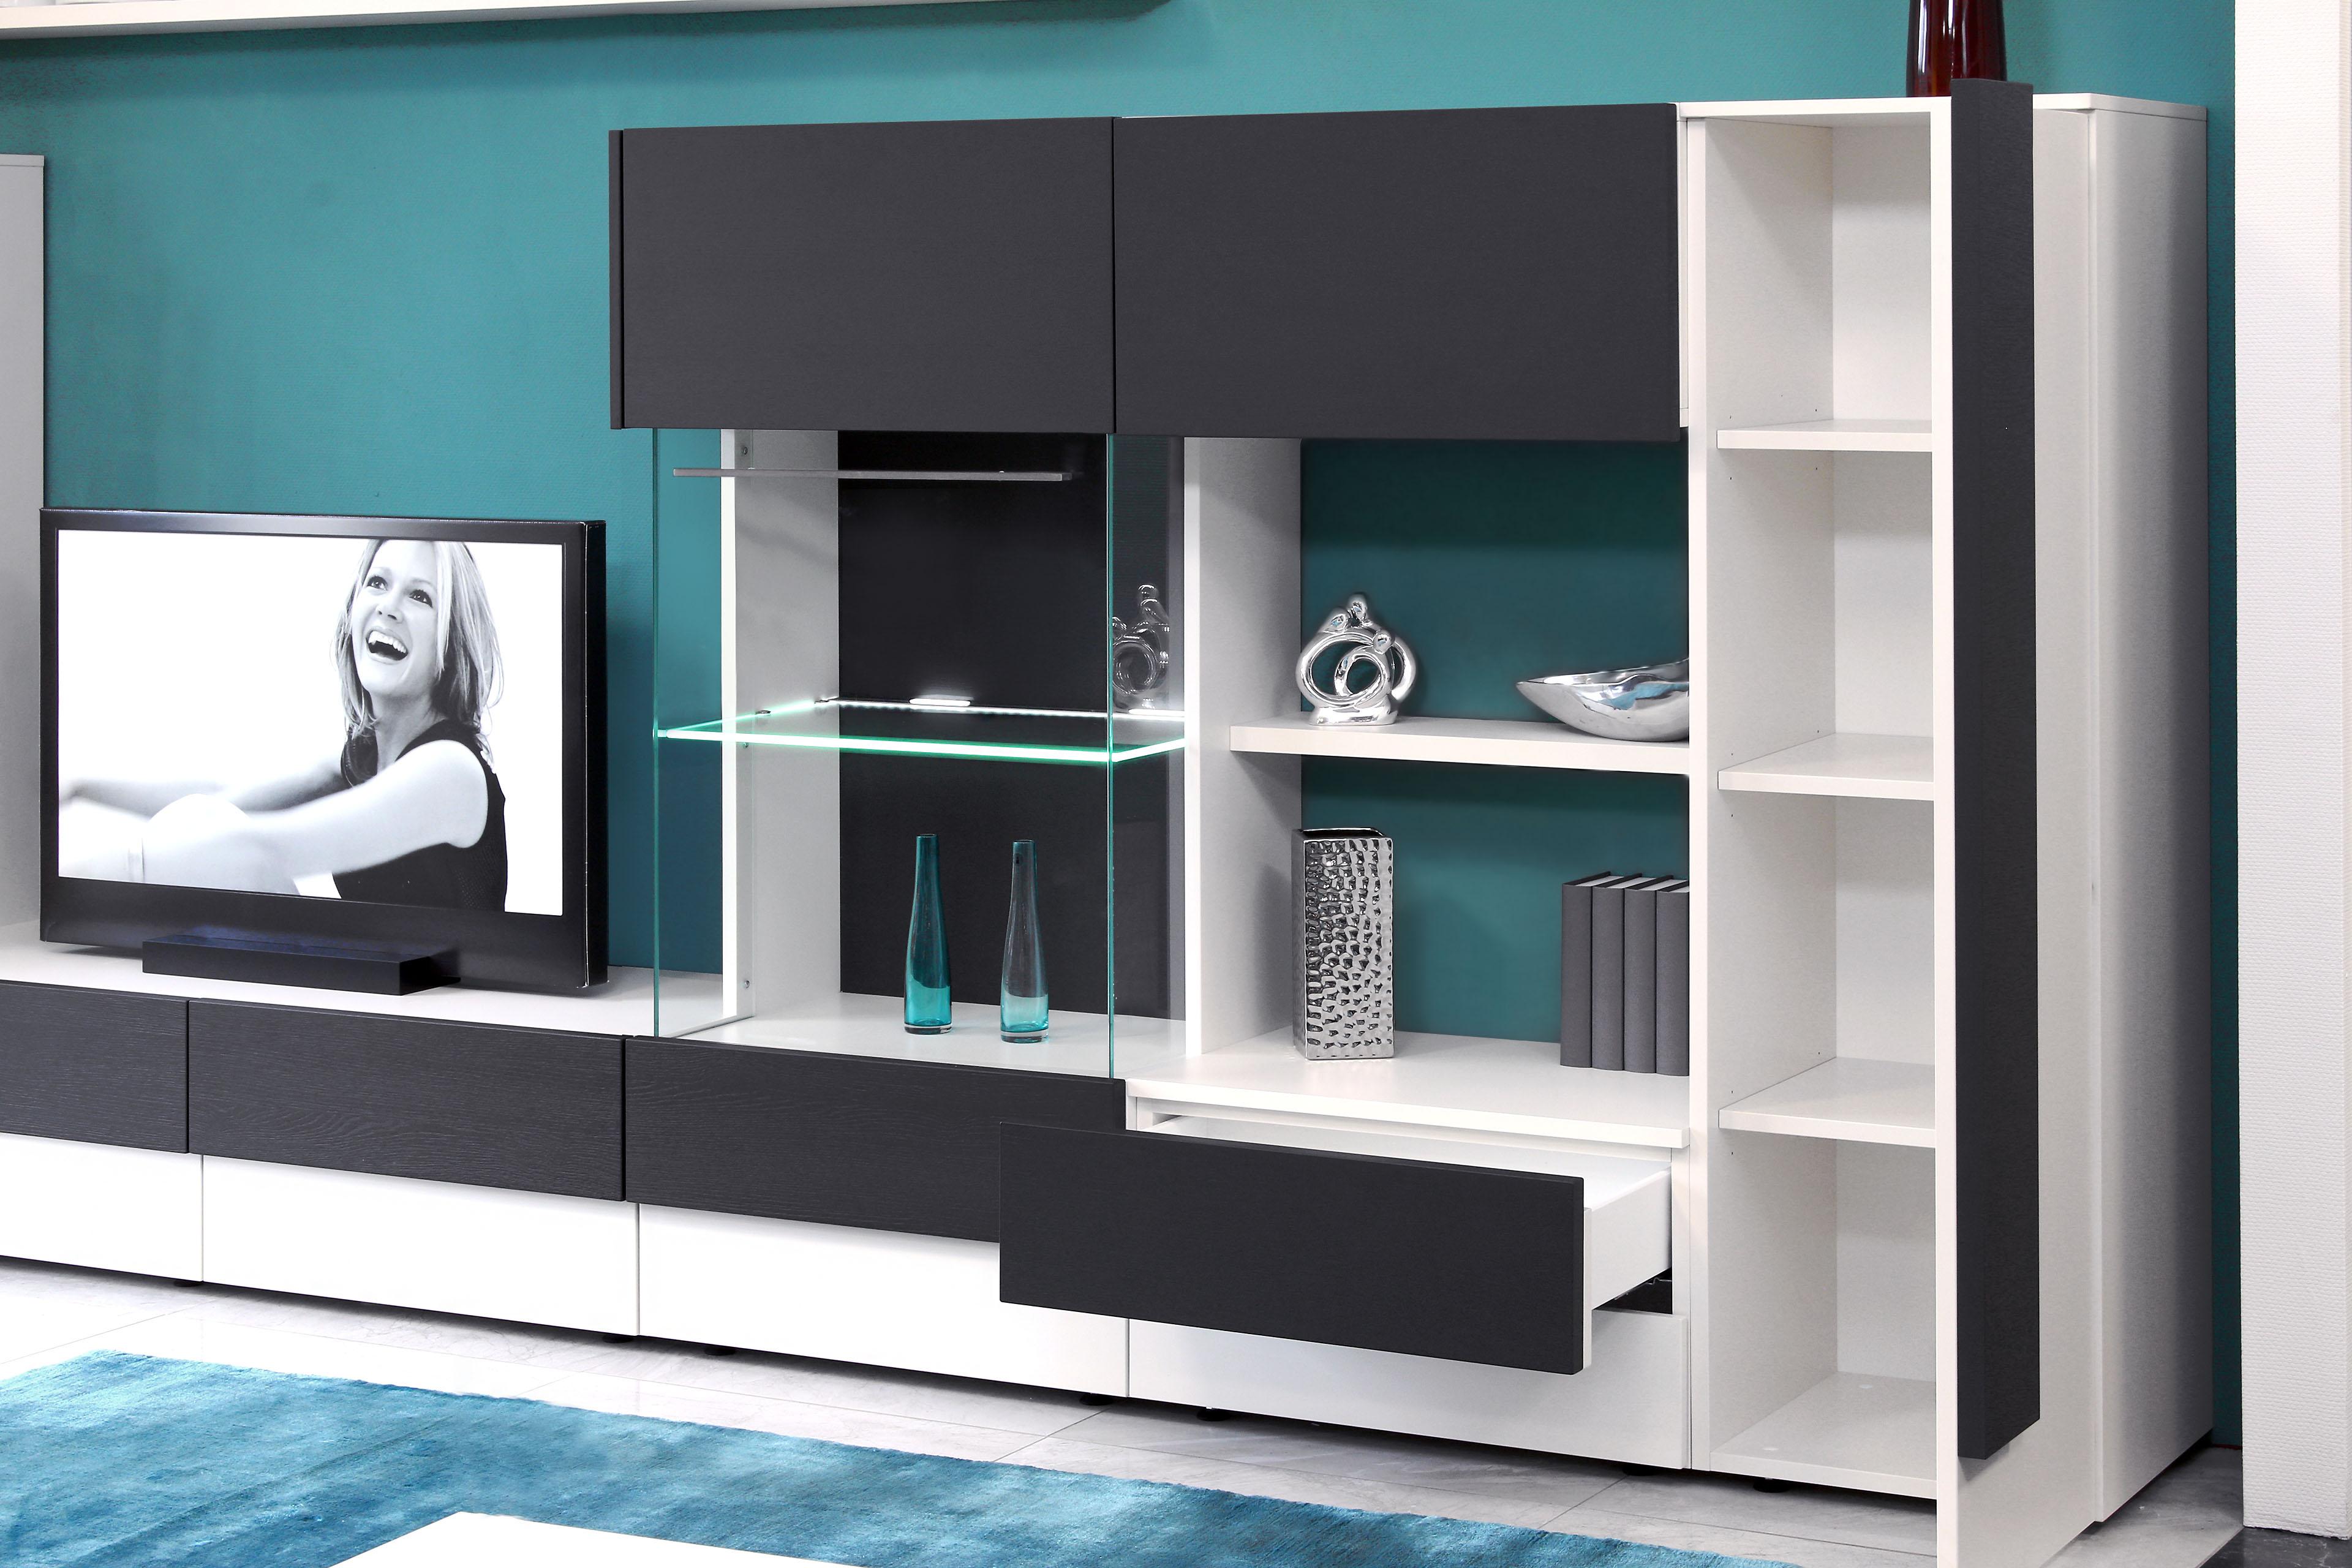 Wohnwand Caroliena EV06 aus der Kollektion Letz | Möbel Letz - Ihr ...